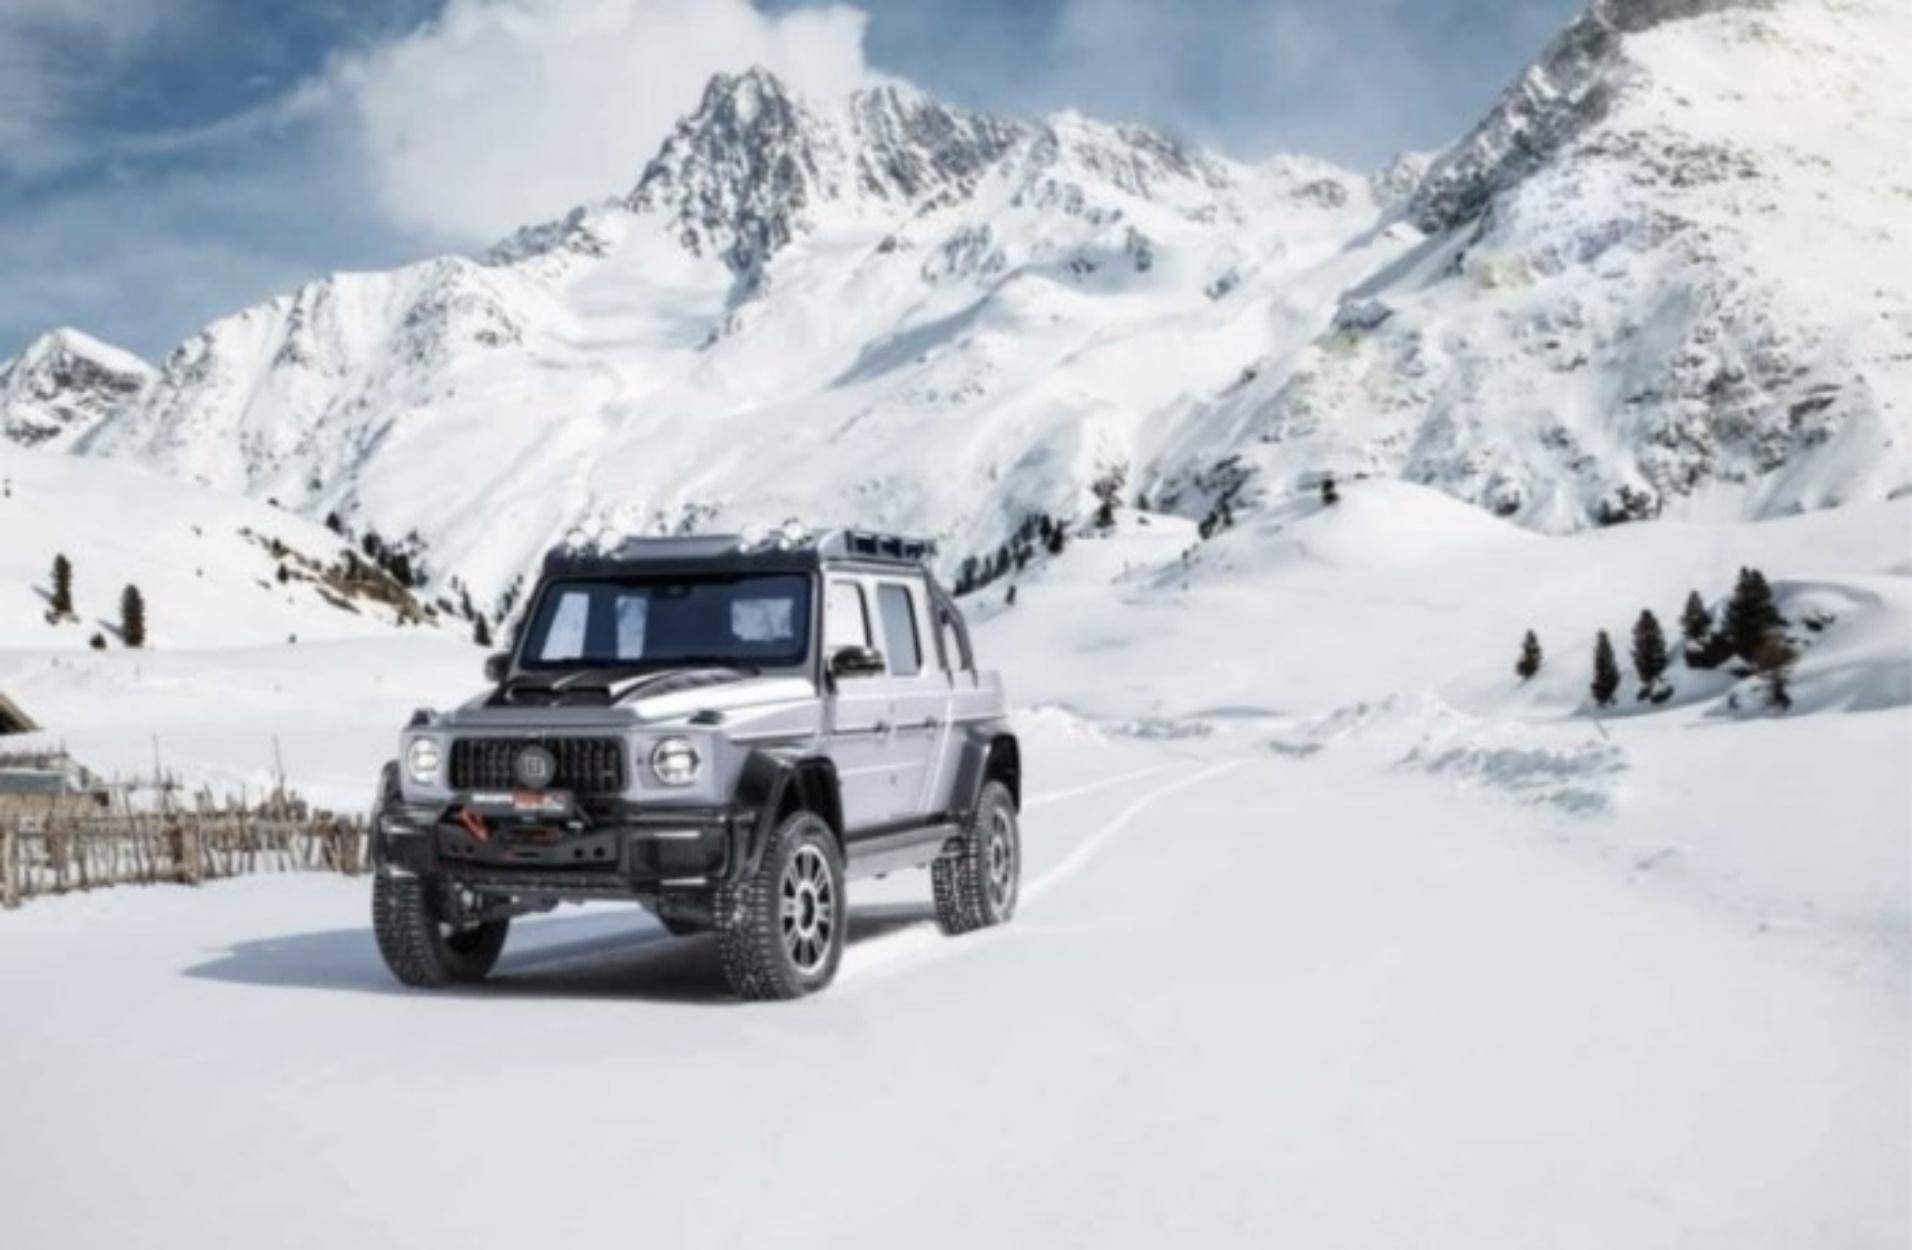 Εσείς θα δίνατε 800.000 δολάρια για αυτό το εντυπωσιακό SUV;